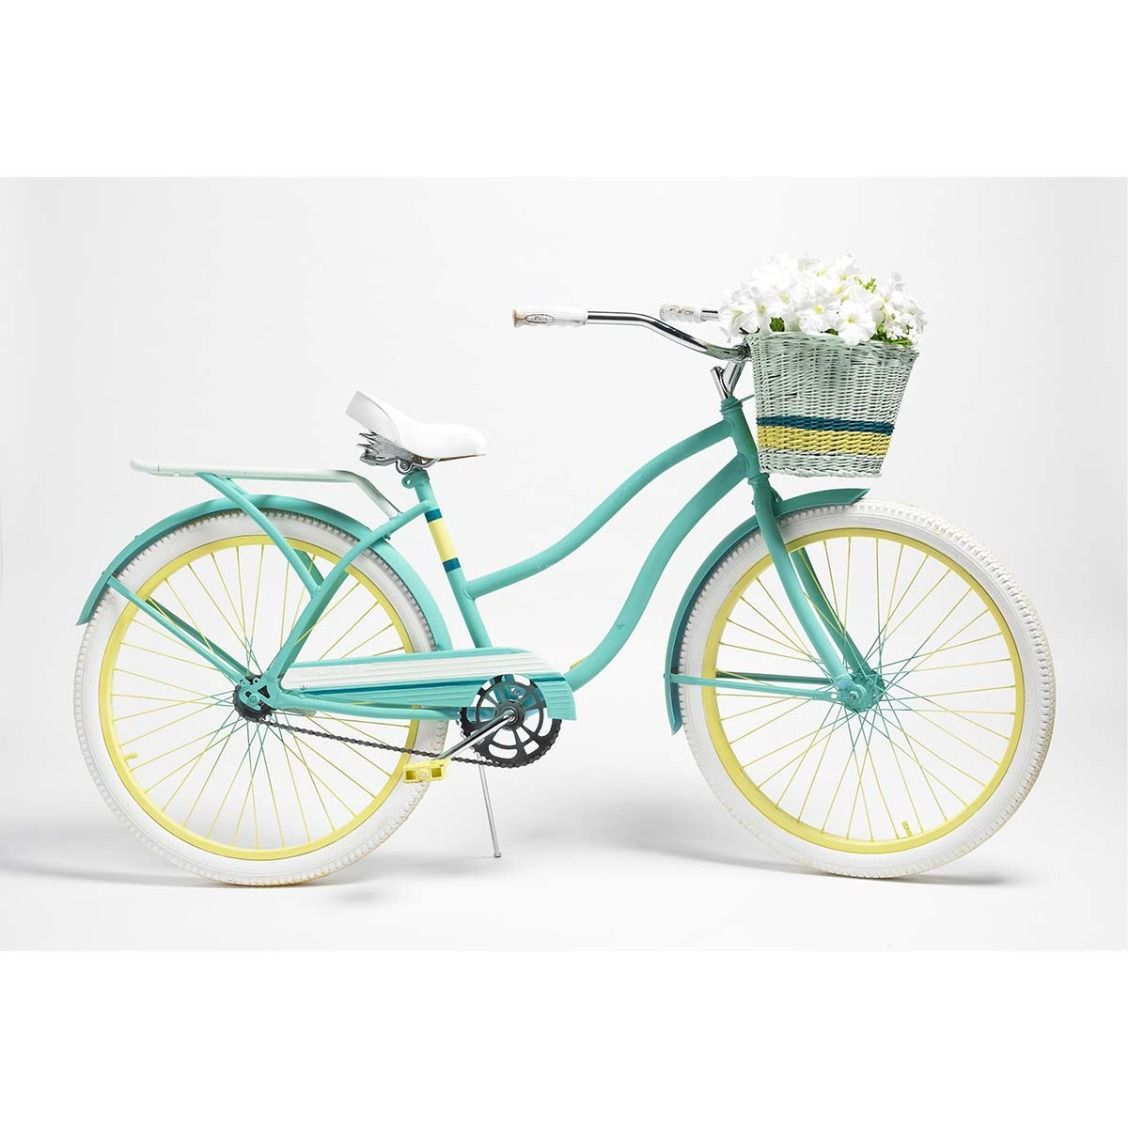 Garden decor bicycle  Martha Stewart Painted Vintage Bicycle using Martha Stewart Decor